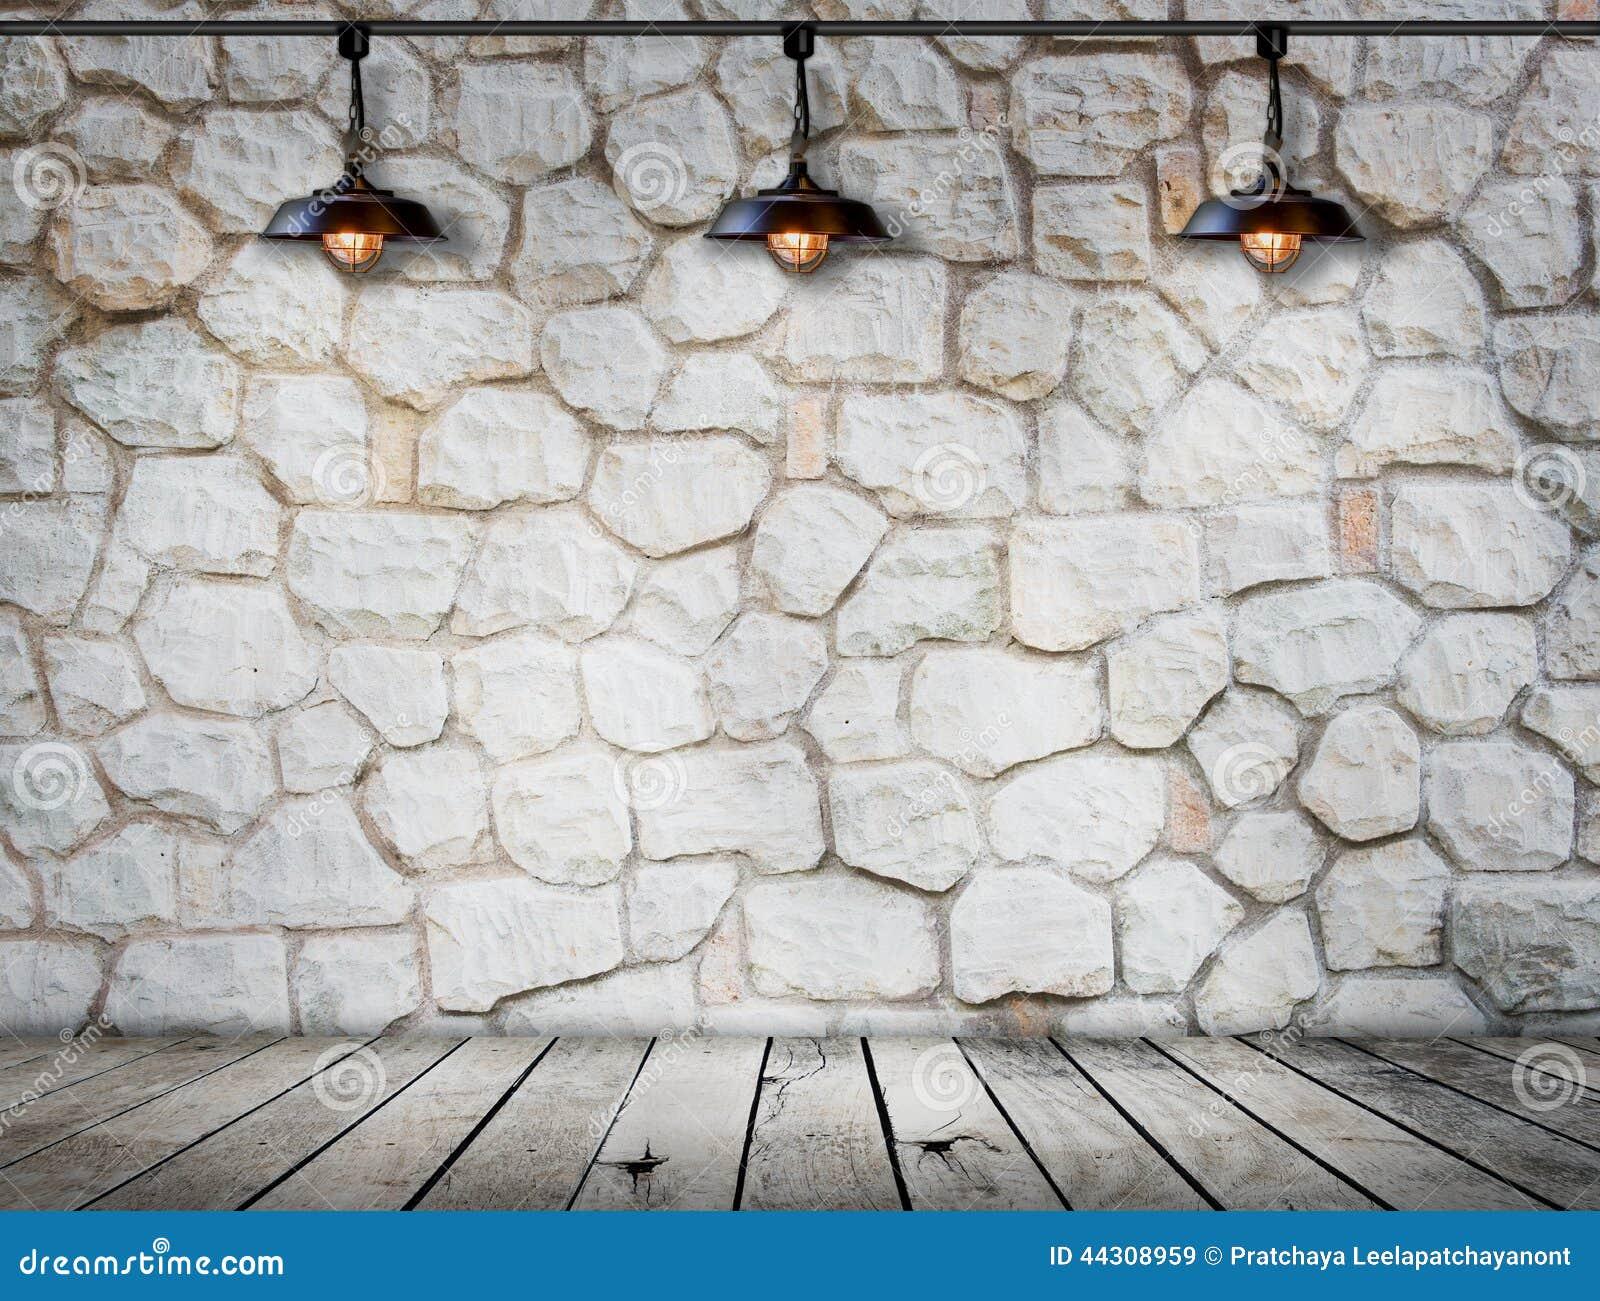 Lampe An Der Steinwand Auf Holzfußboden Raum